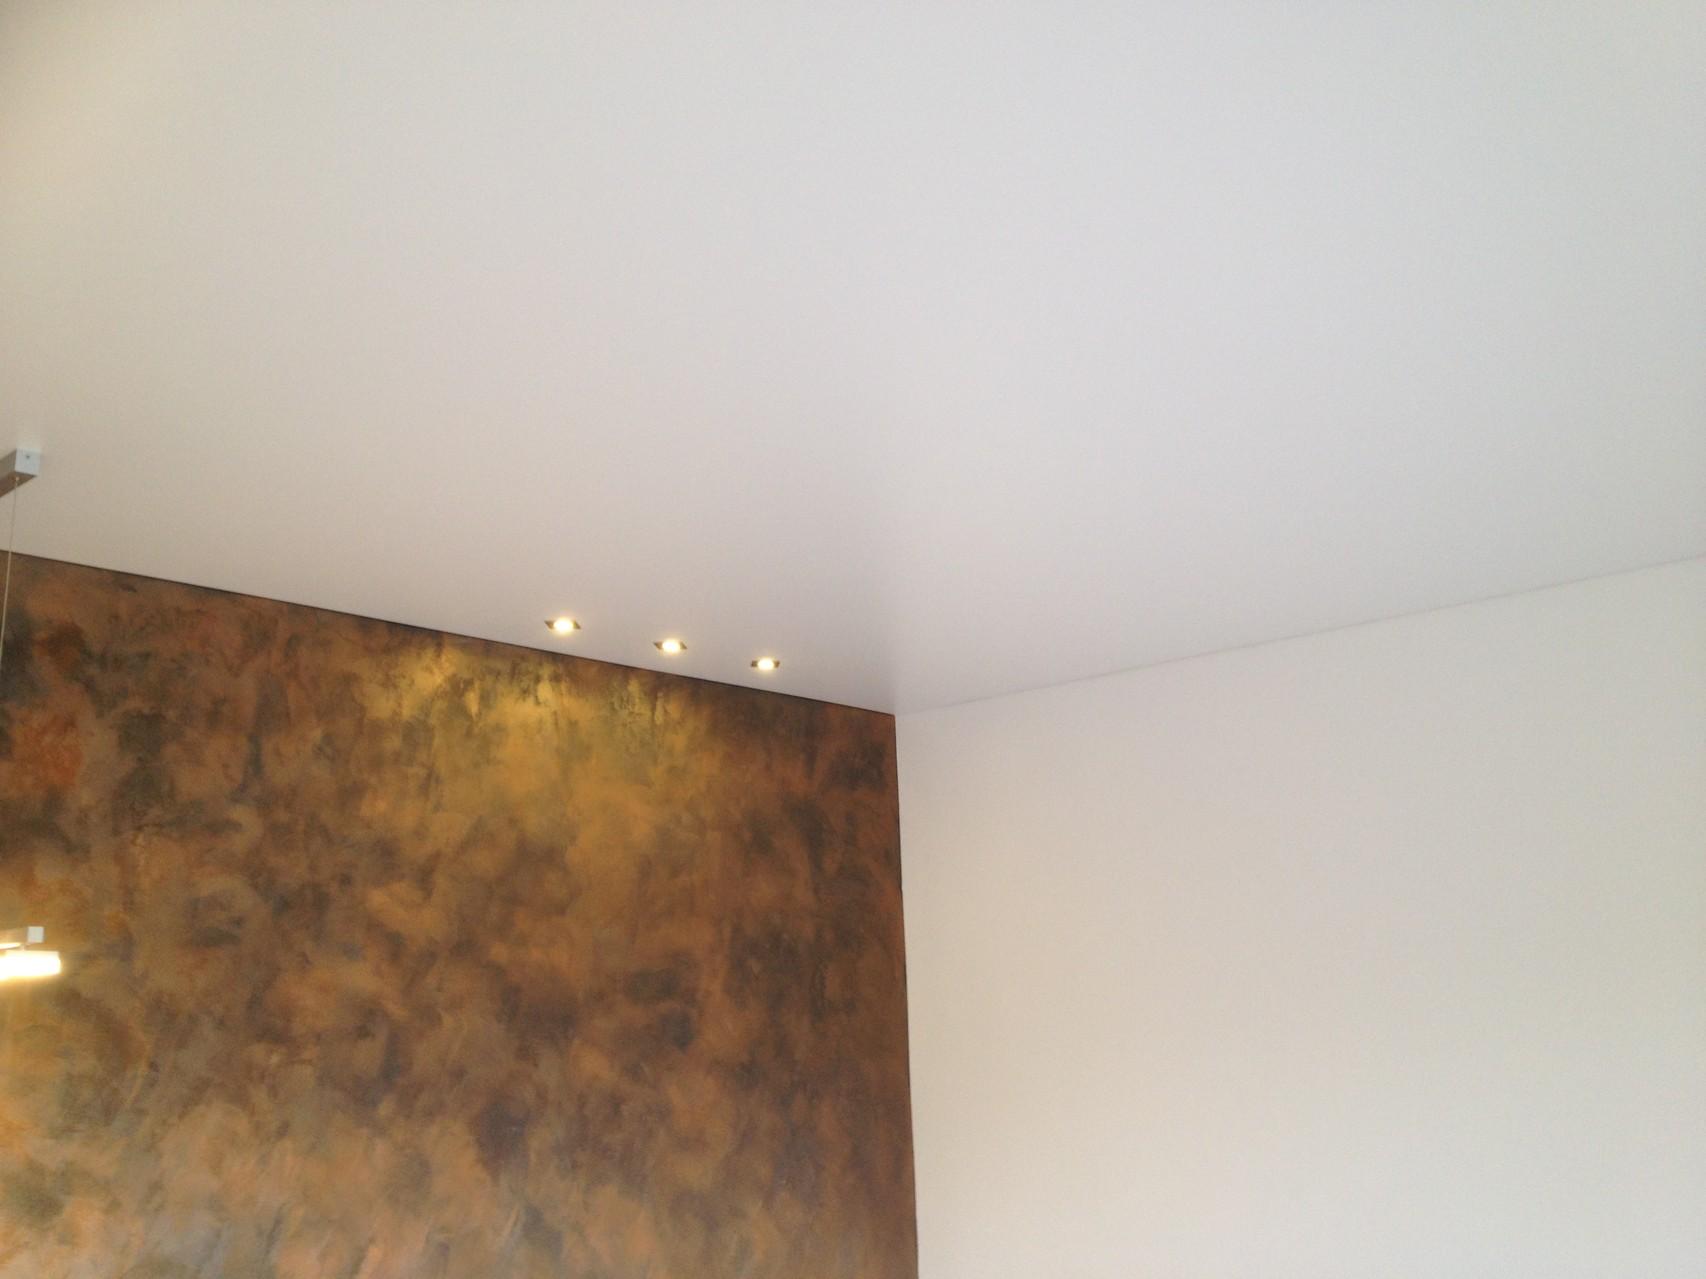 Spanndecke weiß satin Wohnzimmer ETW Dortmund